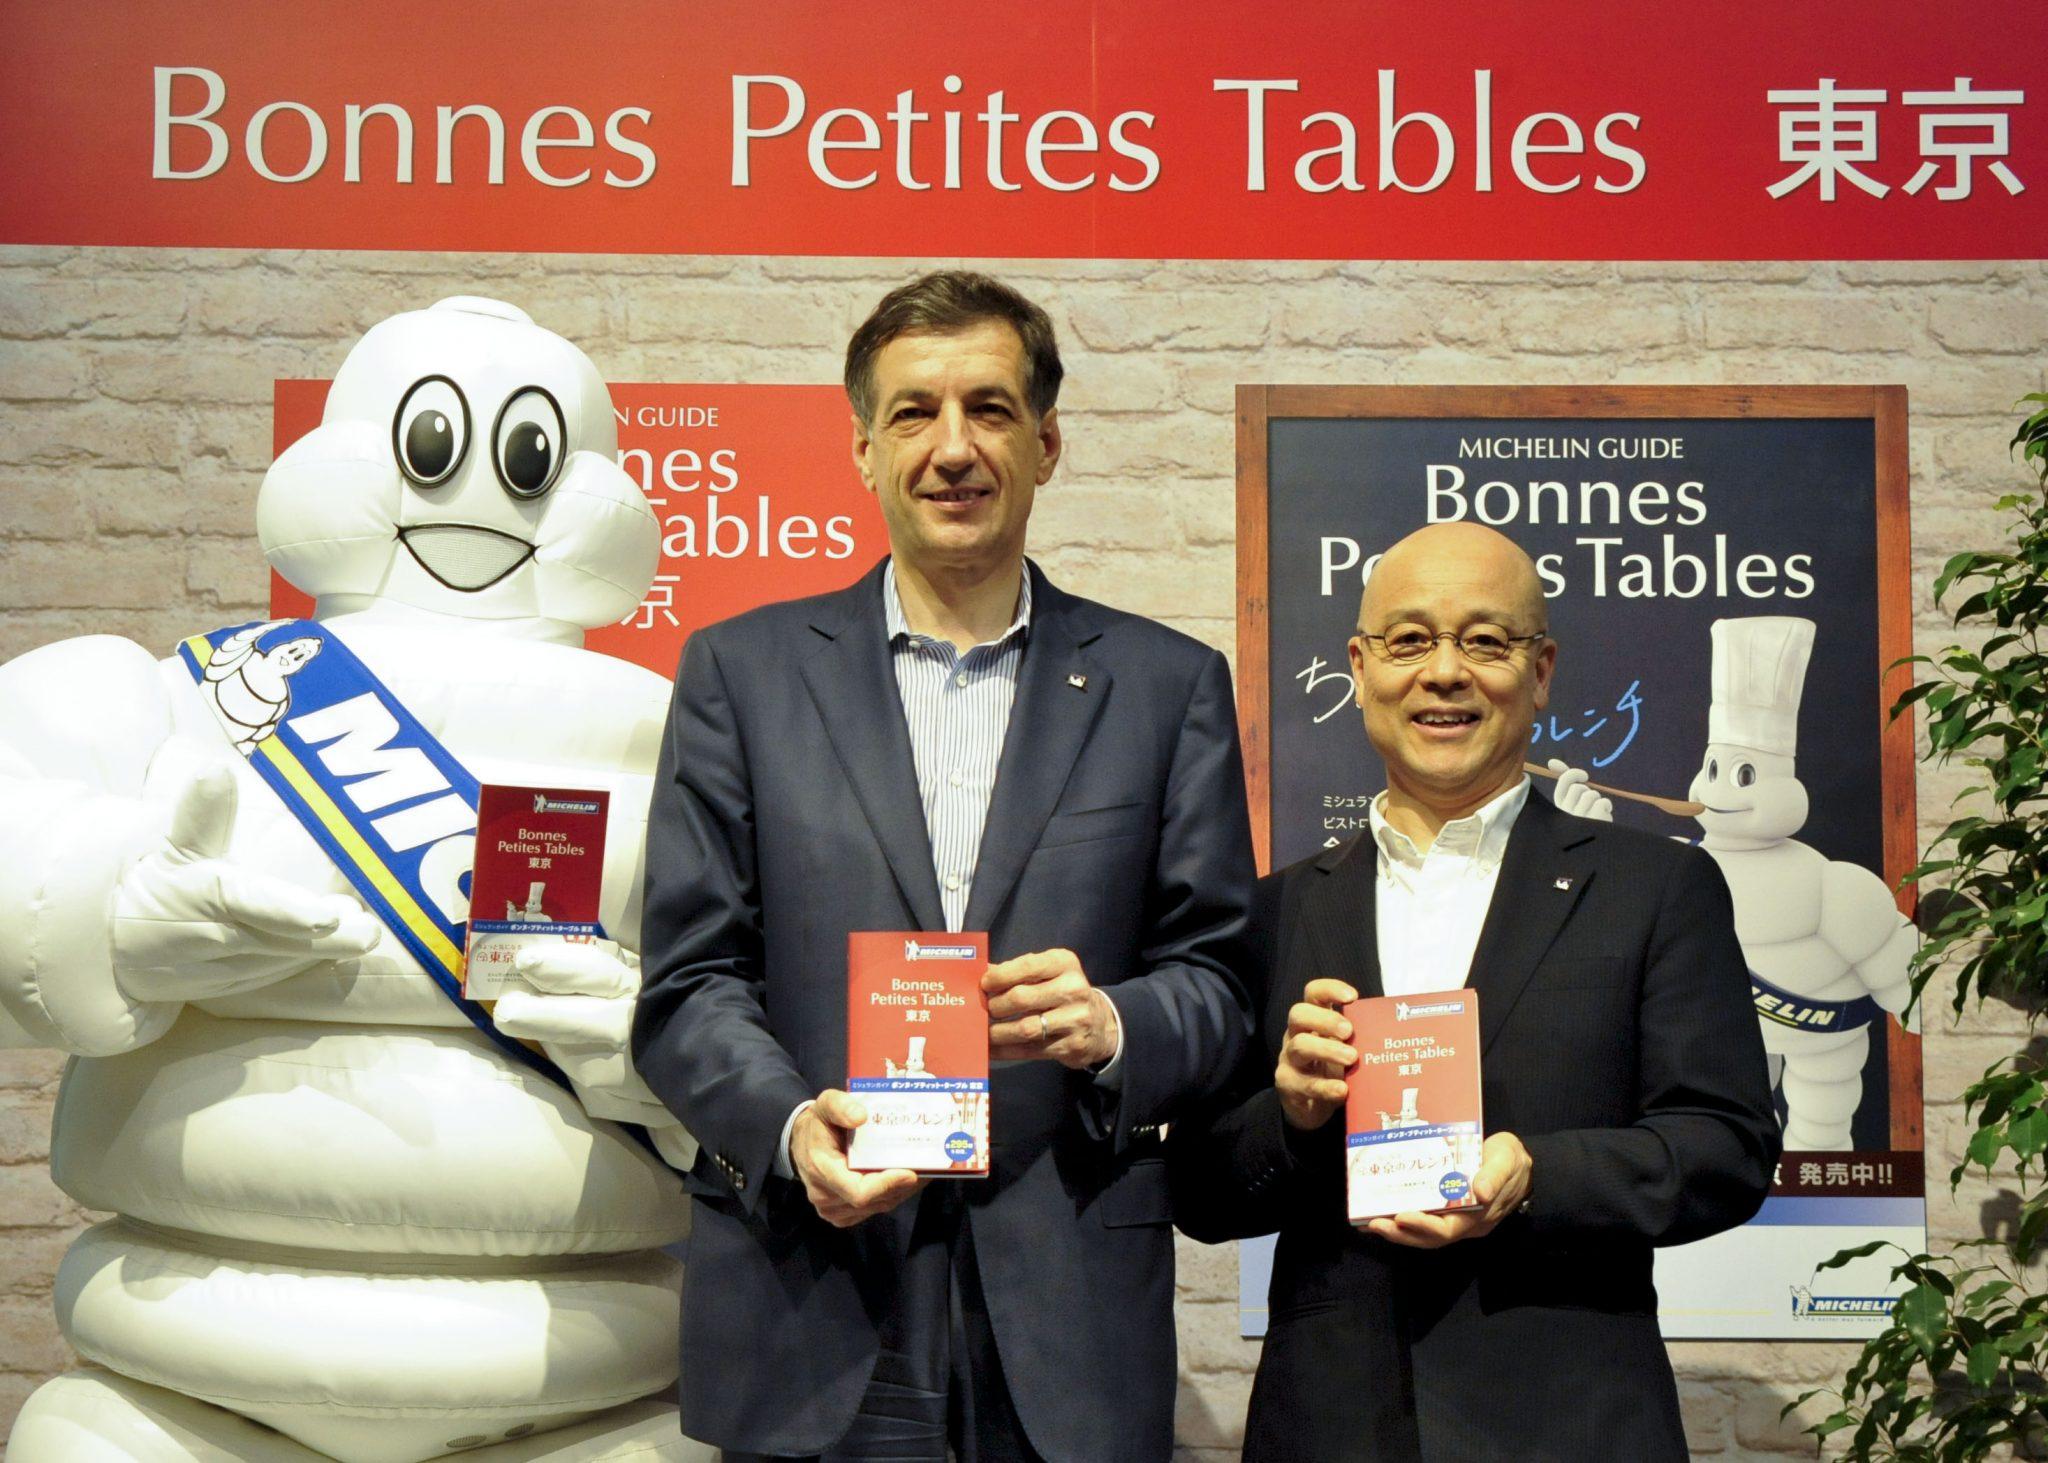 ミシュランガイド ボンヌ・プティット・ターブル・東京 発表記者会見(2011年7月)